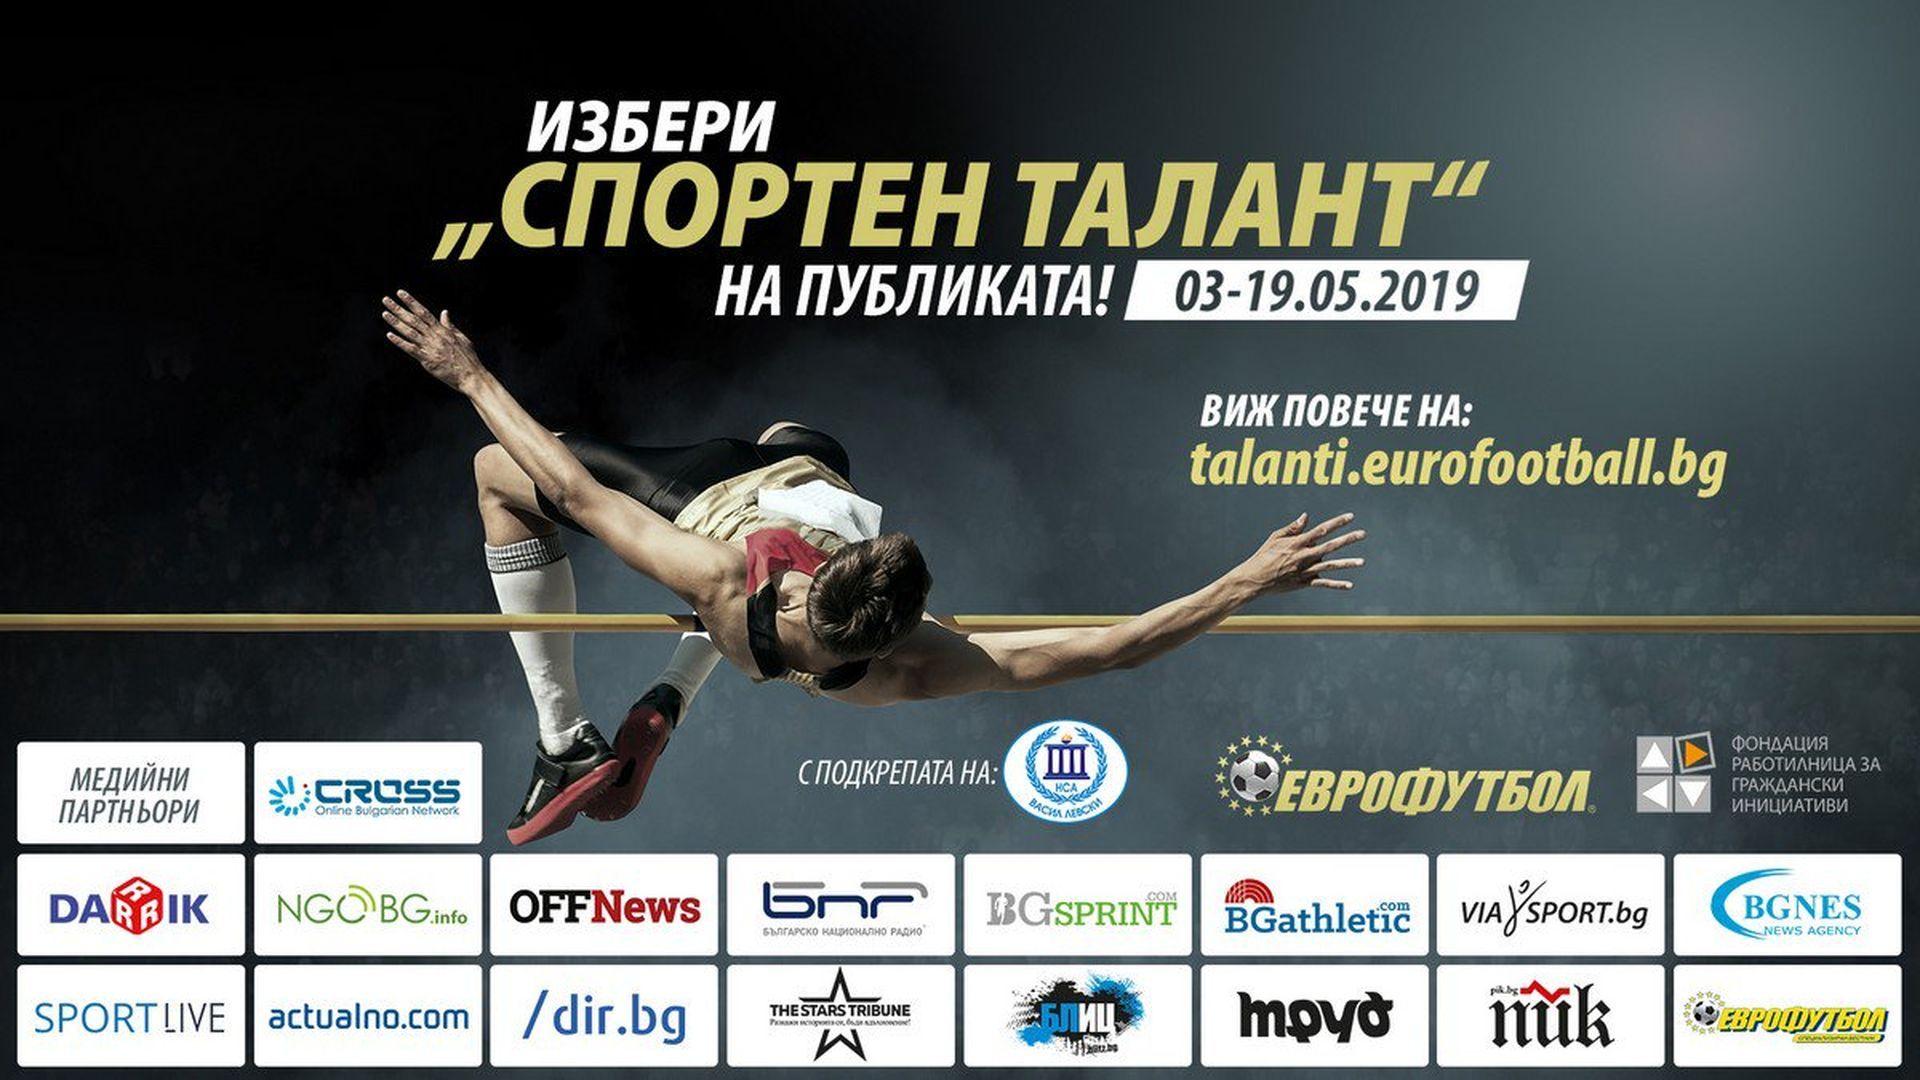 """Продължава битката за спортен талант на """"Еврофутбол"""""""